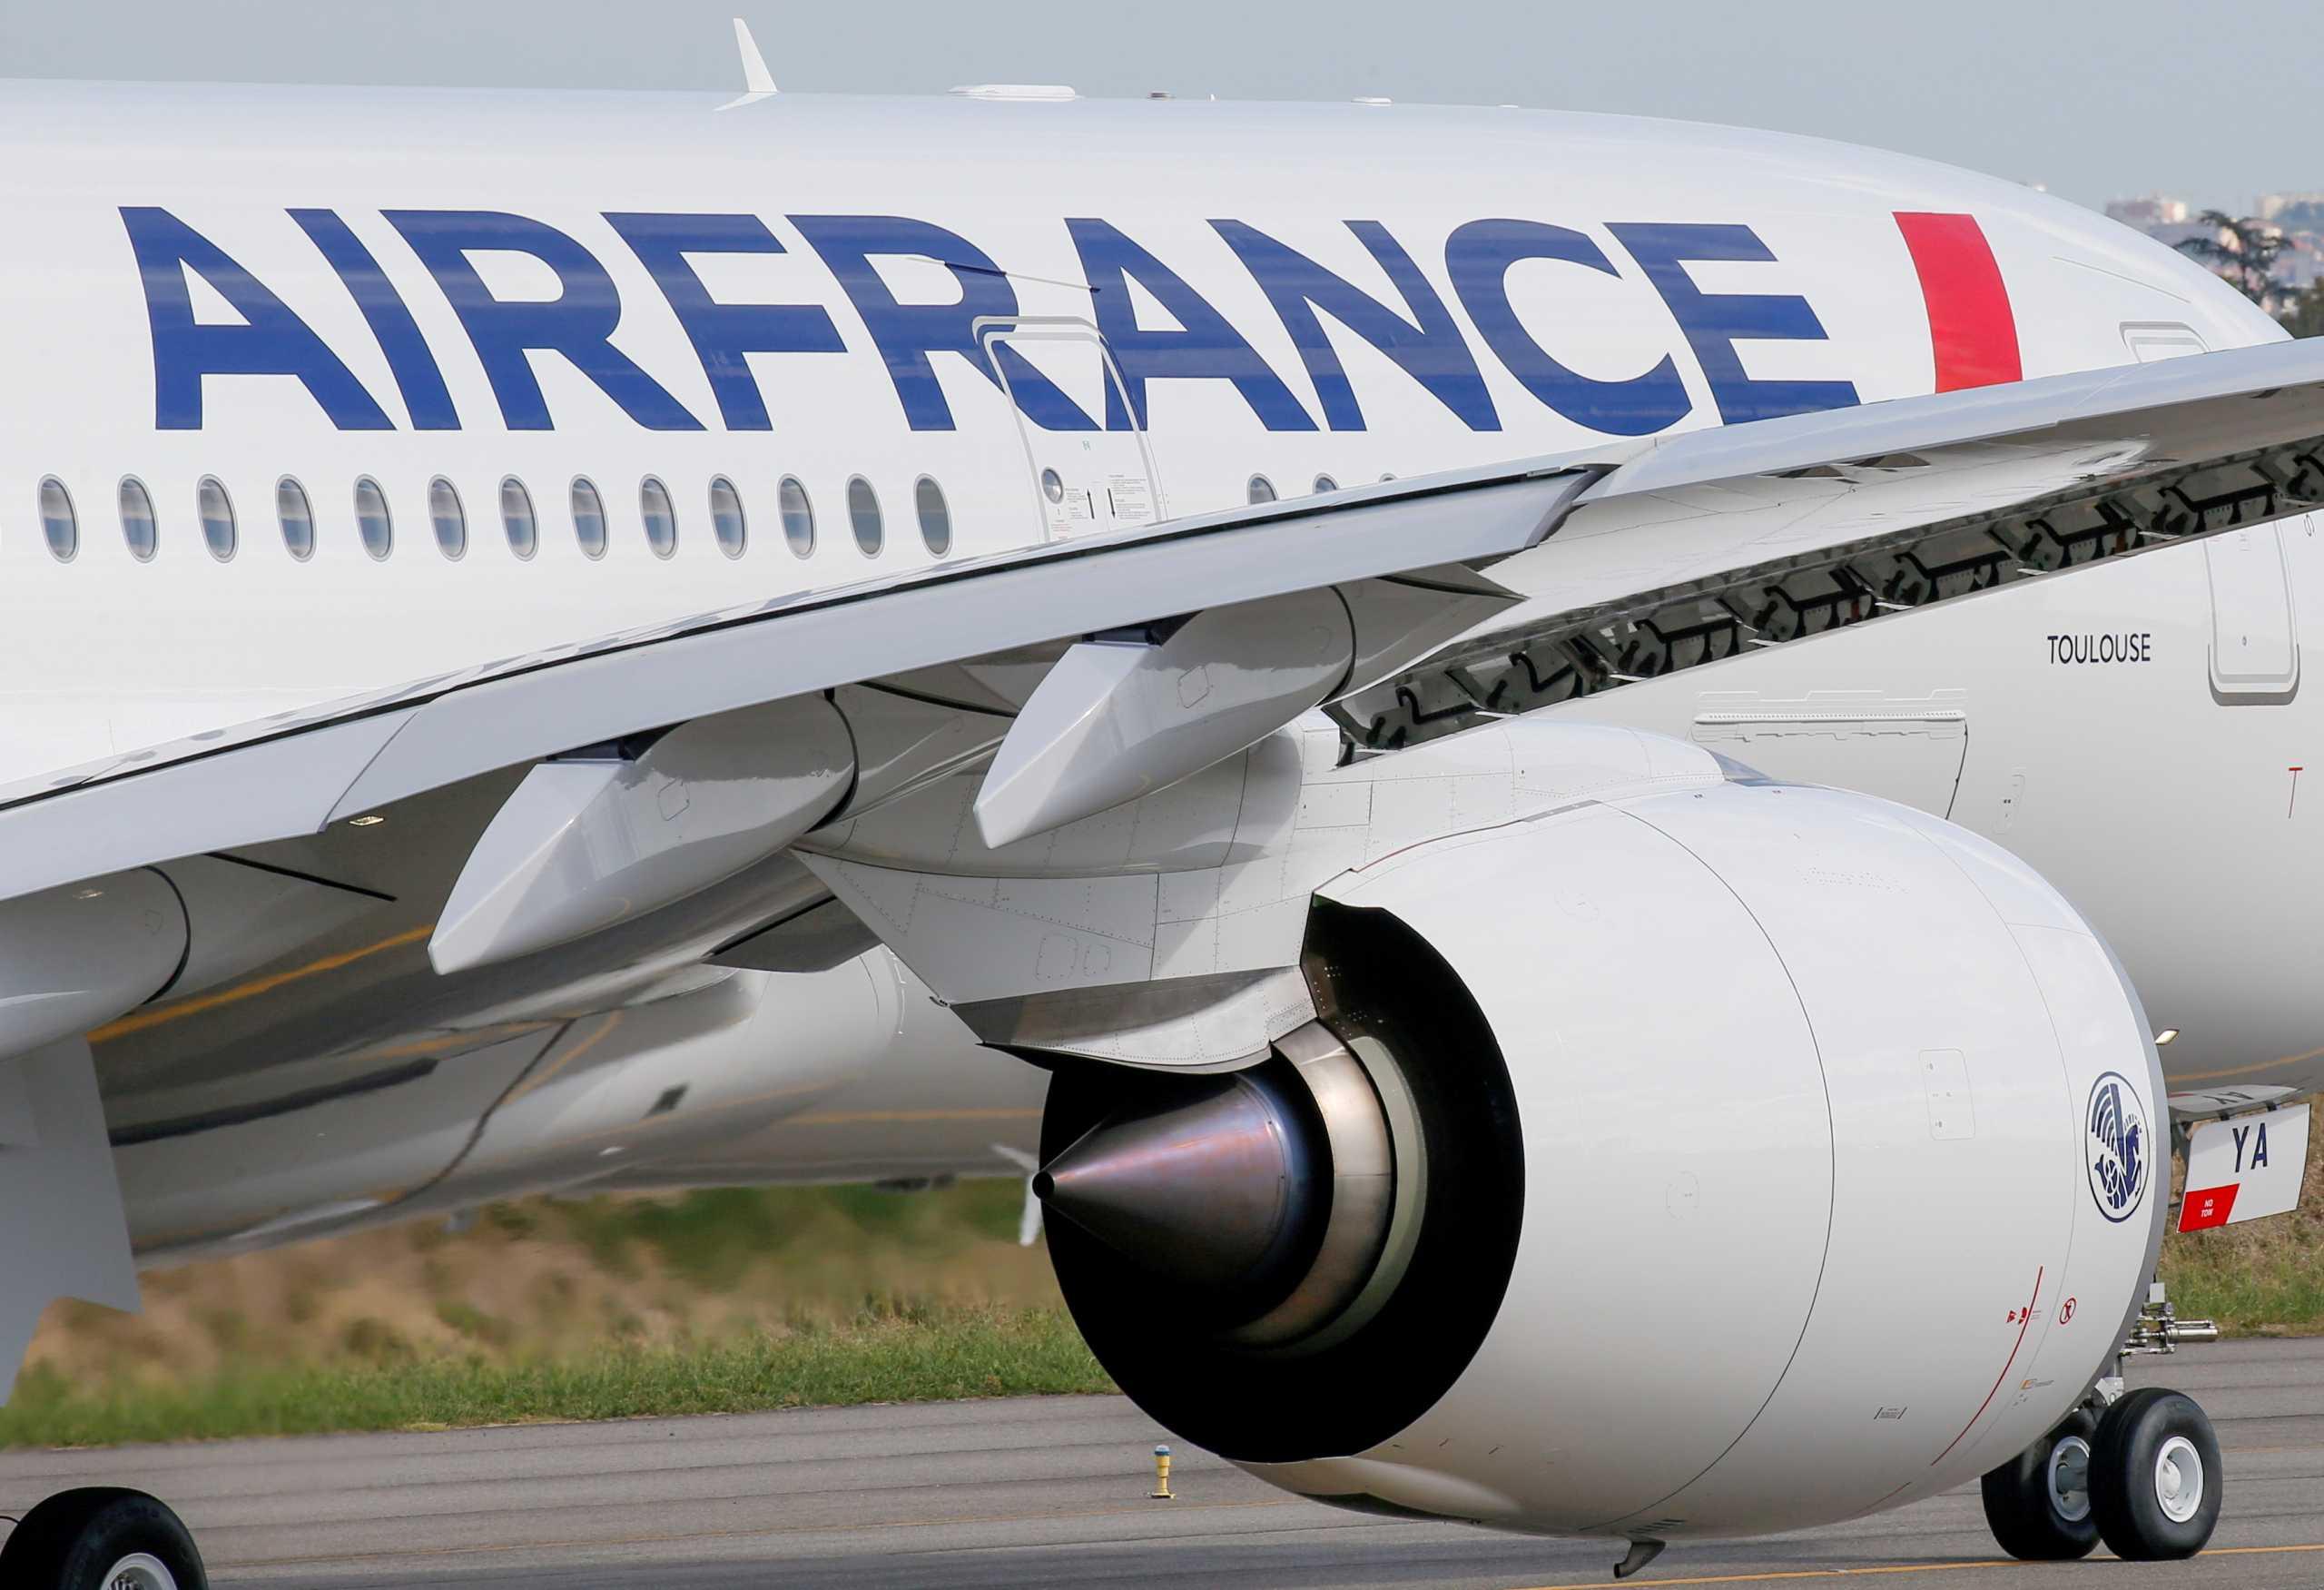 Air France: Πρόταση για ενσωμάτωση των υγειονομικών δεδομένων στο εισιτήριο